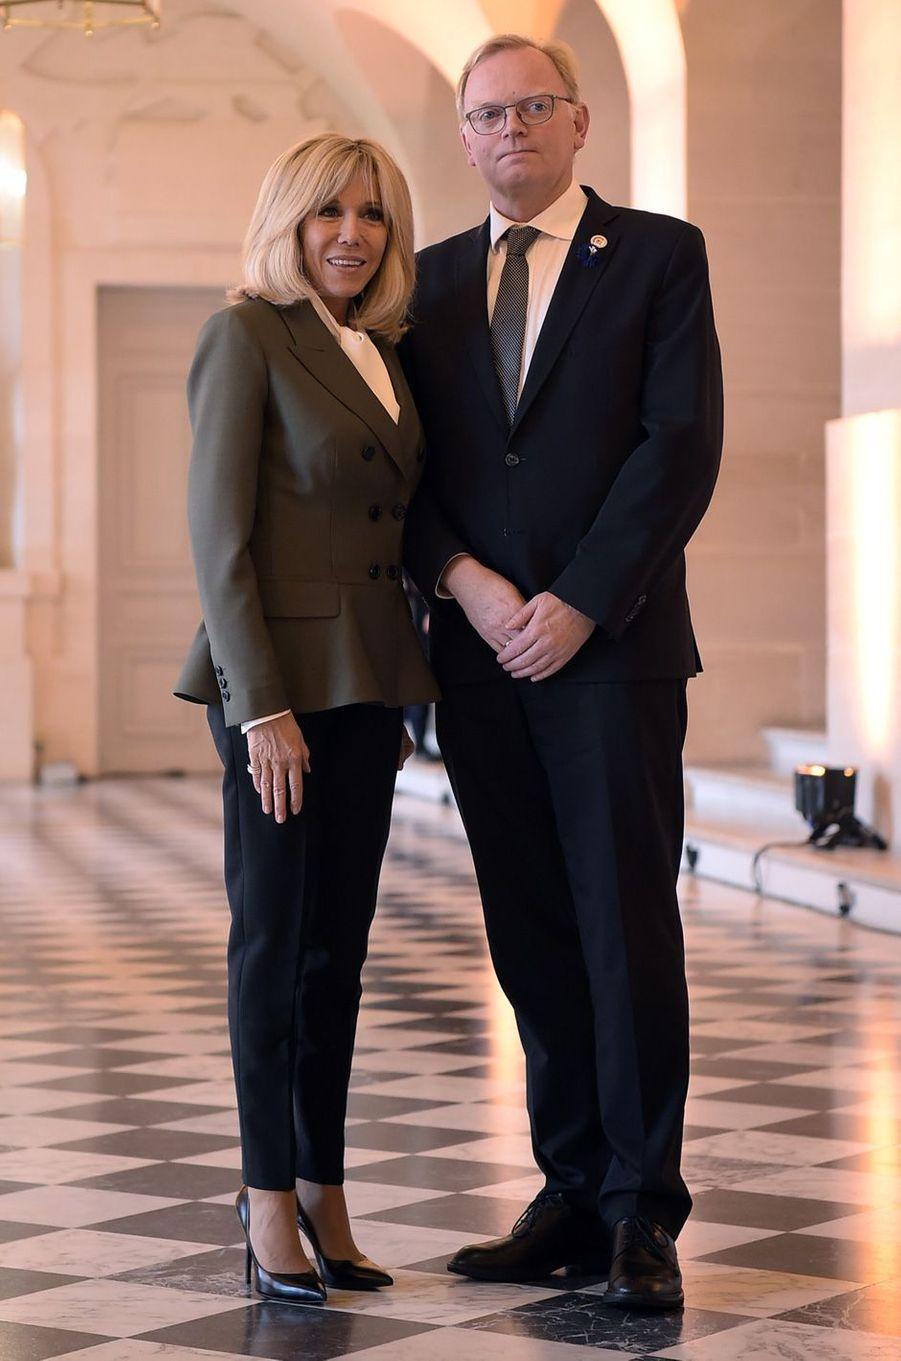 Brigitte Macron et Sindre Finnes, époux d'Erna Solberg,Première ministre norvégienne.